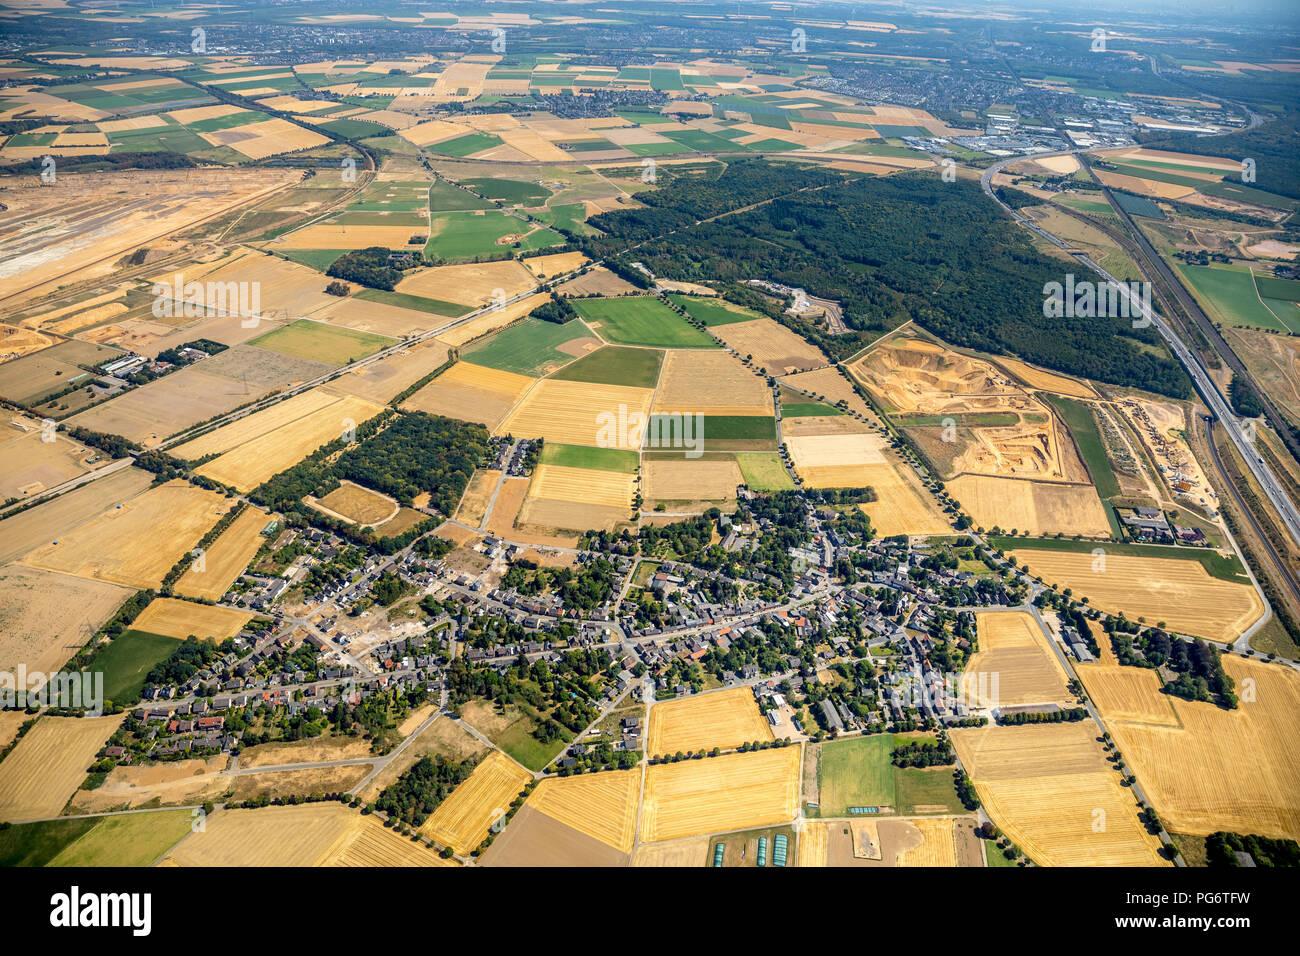 Hambacher Forst, Bürgewald Steinheide, Landschaftsschutzgebiet, Braunkohleabbau, Protest, Waldbesetzung, Manheim, Elsdorf, Rheinland, Nordrhein-Westfa - Stock Image